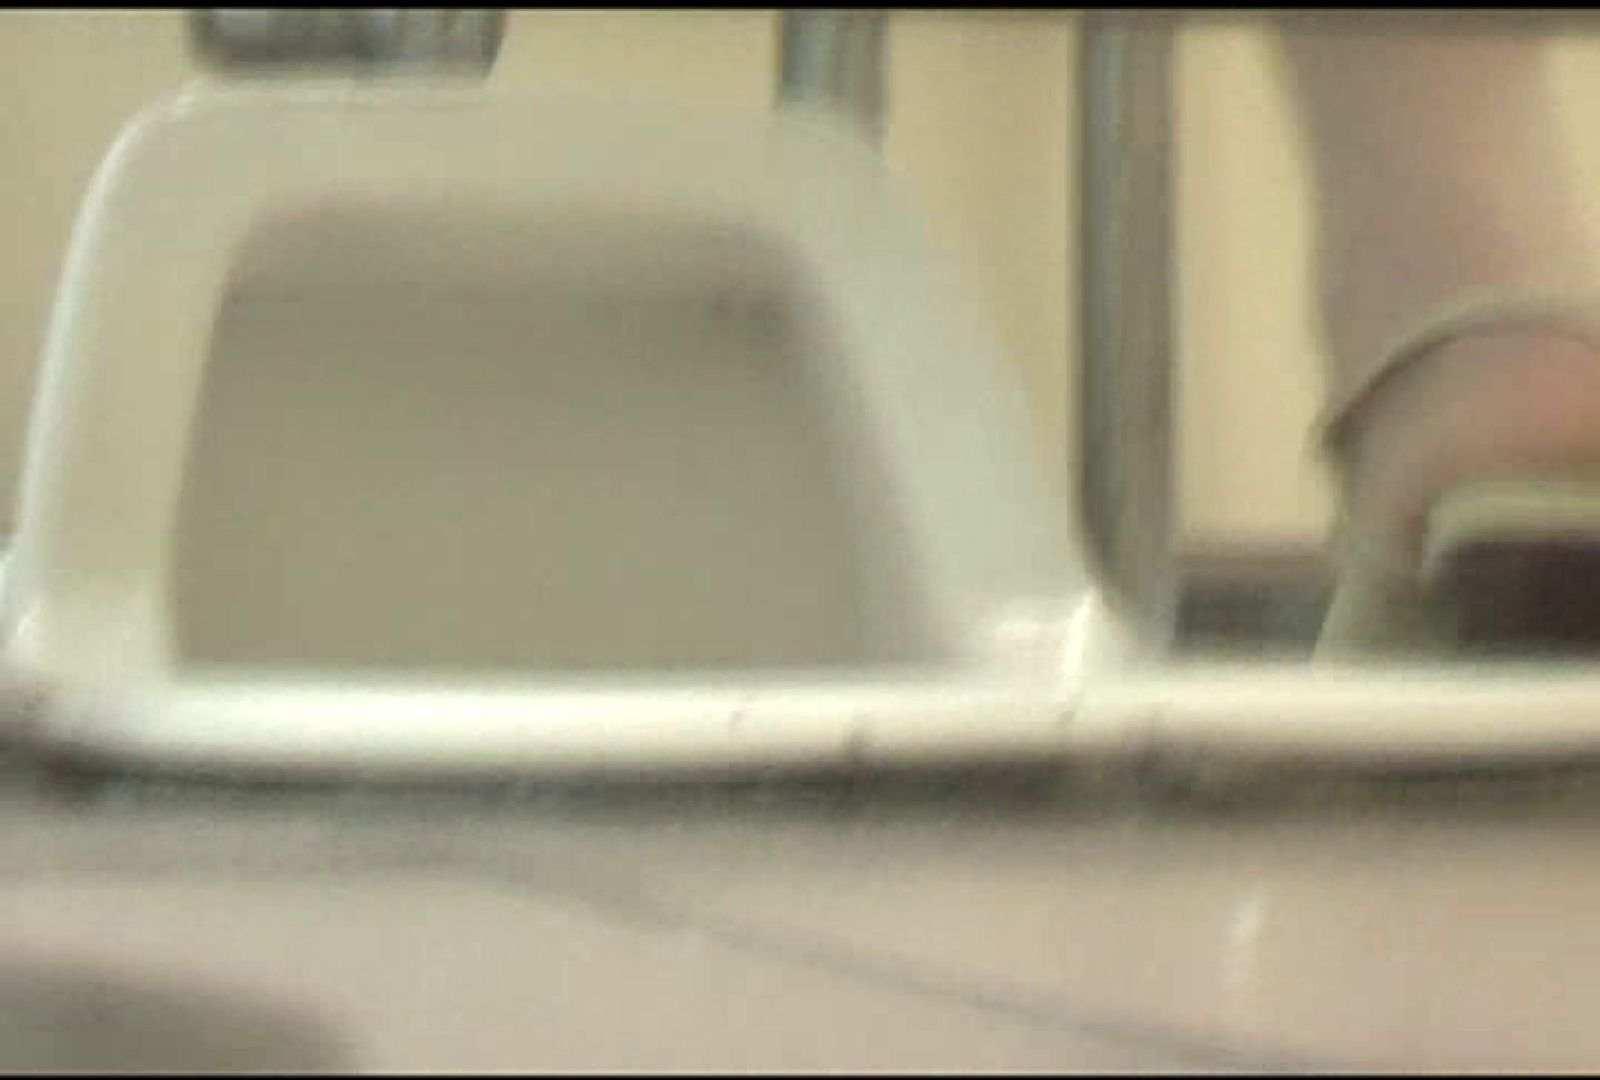 マンコ丸見え女子洗面所Vol.53 洗面所はめどり AV動画キャプチャ 90画像 45